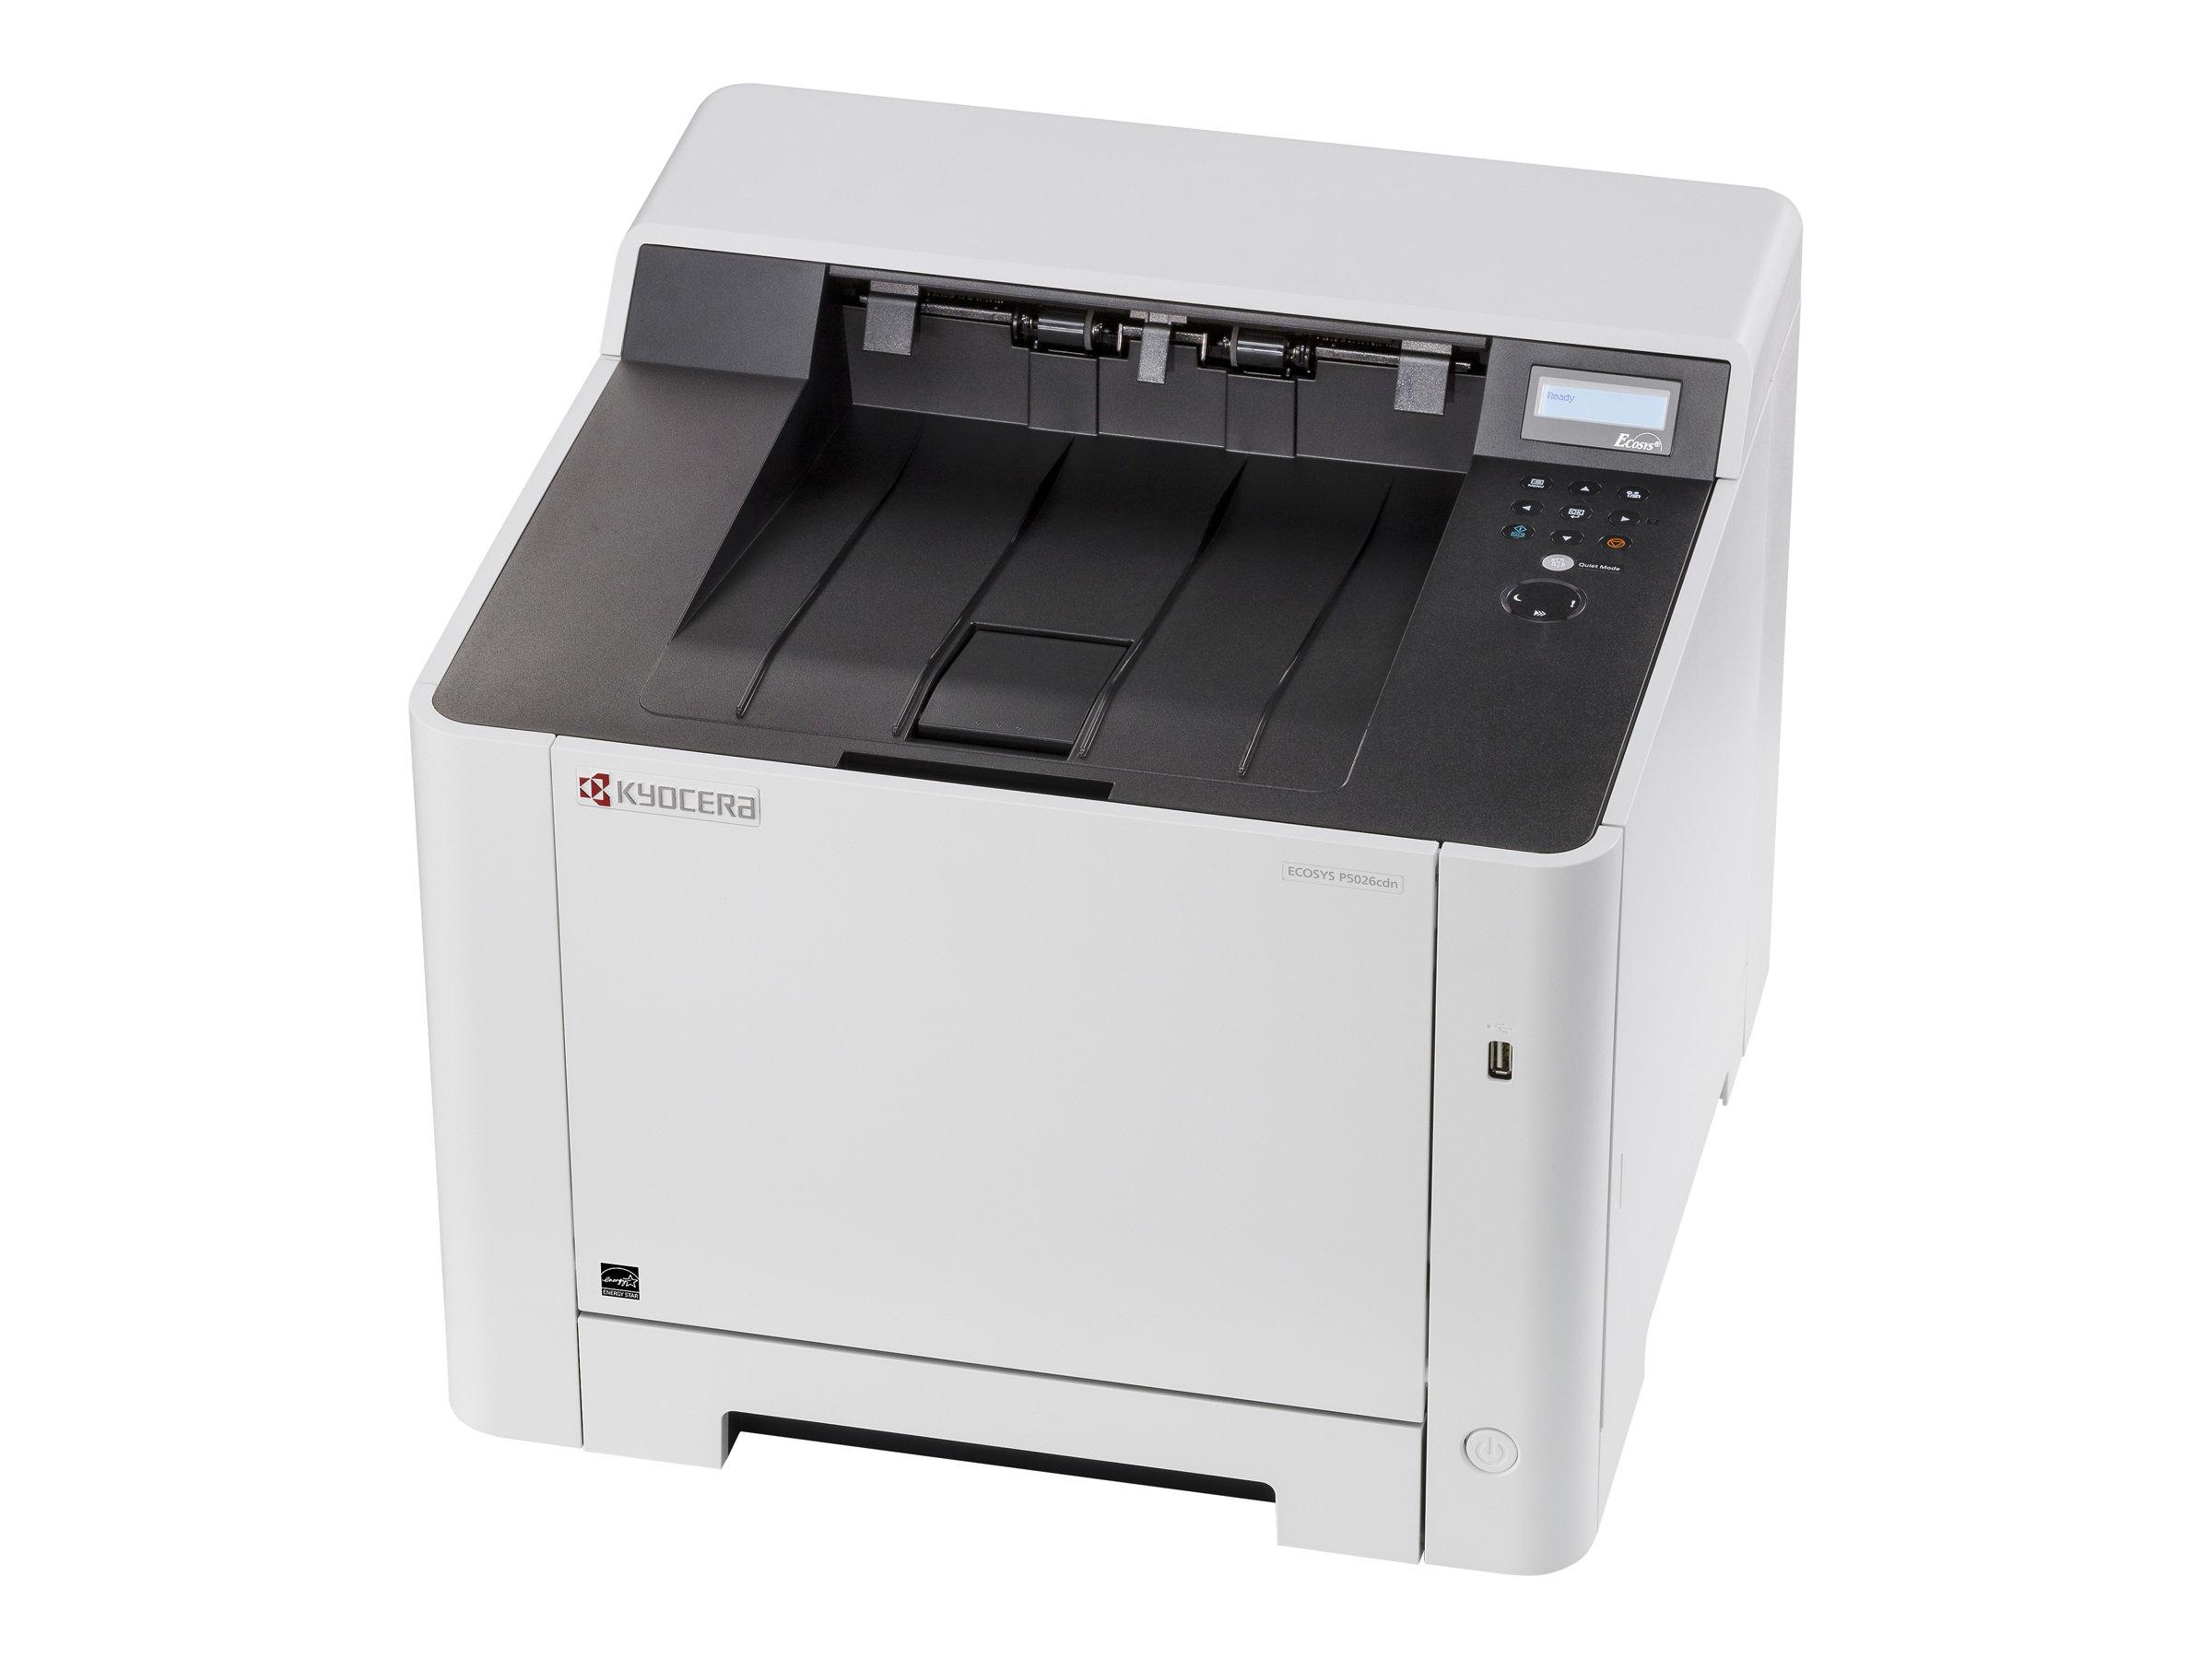 Kyocera ECOSYS P5026cdn - Drucker - Farbe - Duplex - Laser - A4/Legal - 9600 x 600 dpi - bis zu 26 Seiten/Min. (einfarbig)/